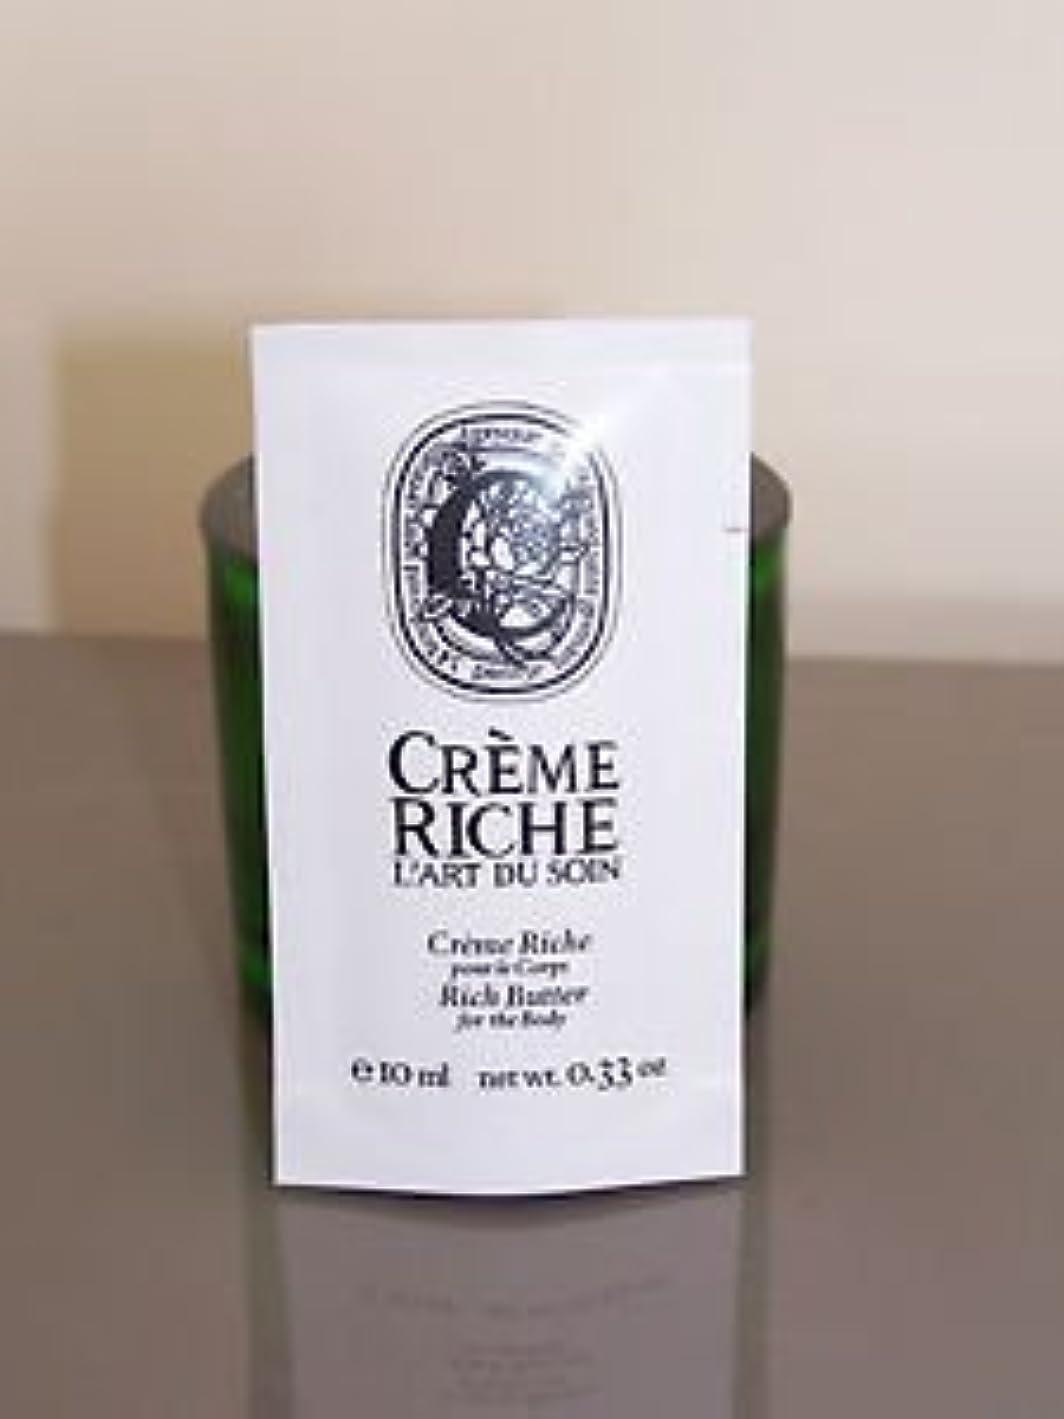 責めチョコレート同行するDiptyque Creme Riche (ディプティック クレーム リッチ) 0.33 oz (10ml) ボディーバター (ボディークリーム) サンプル for Women